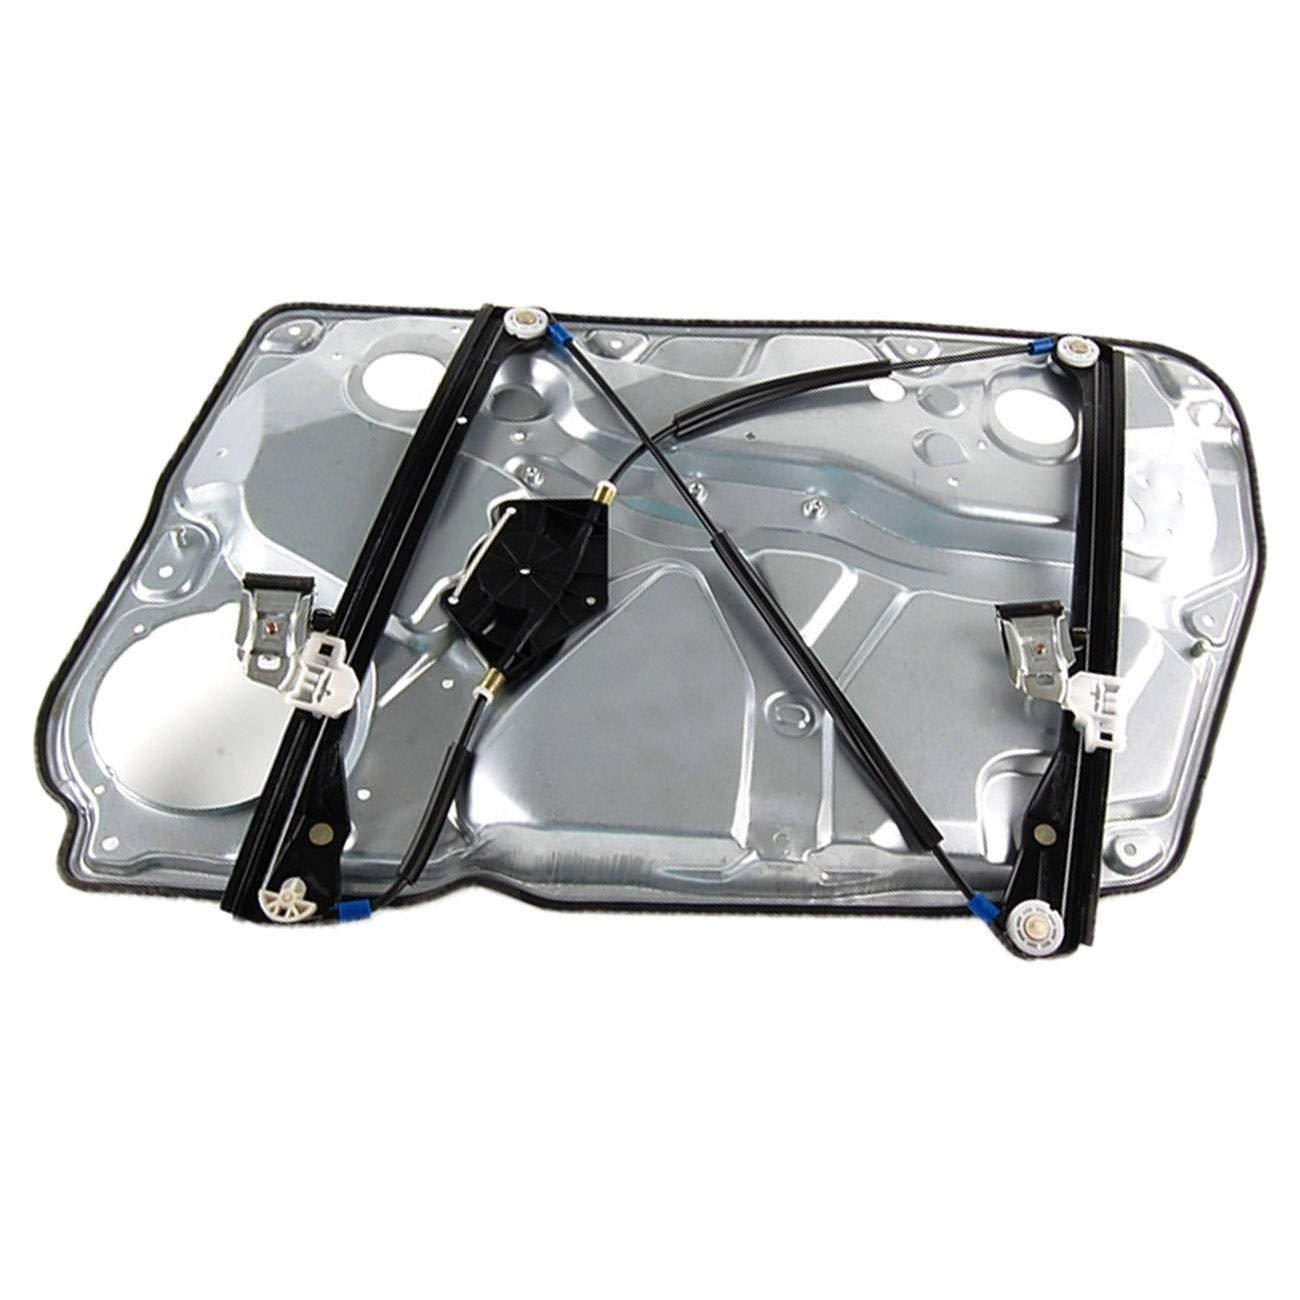 AUTOPA 3B1837461 Fensterheber Vorne Links mit T/ürplatte Ohne Motor